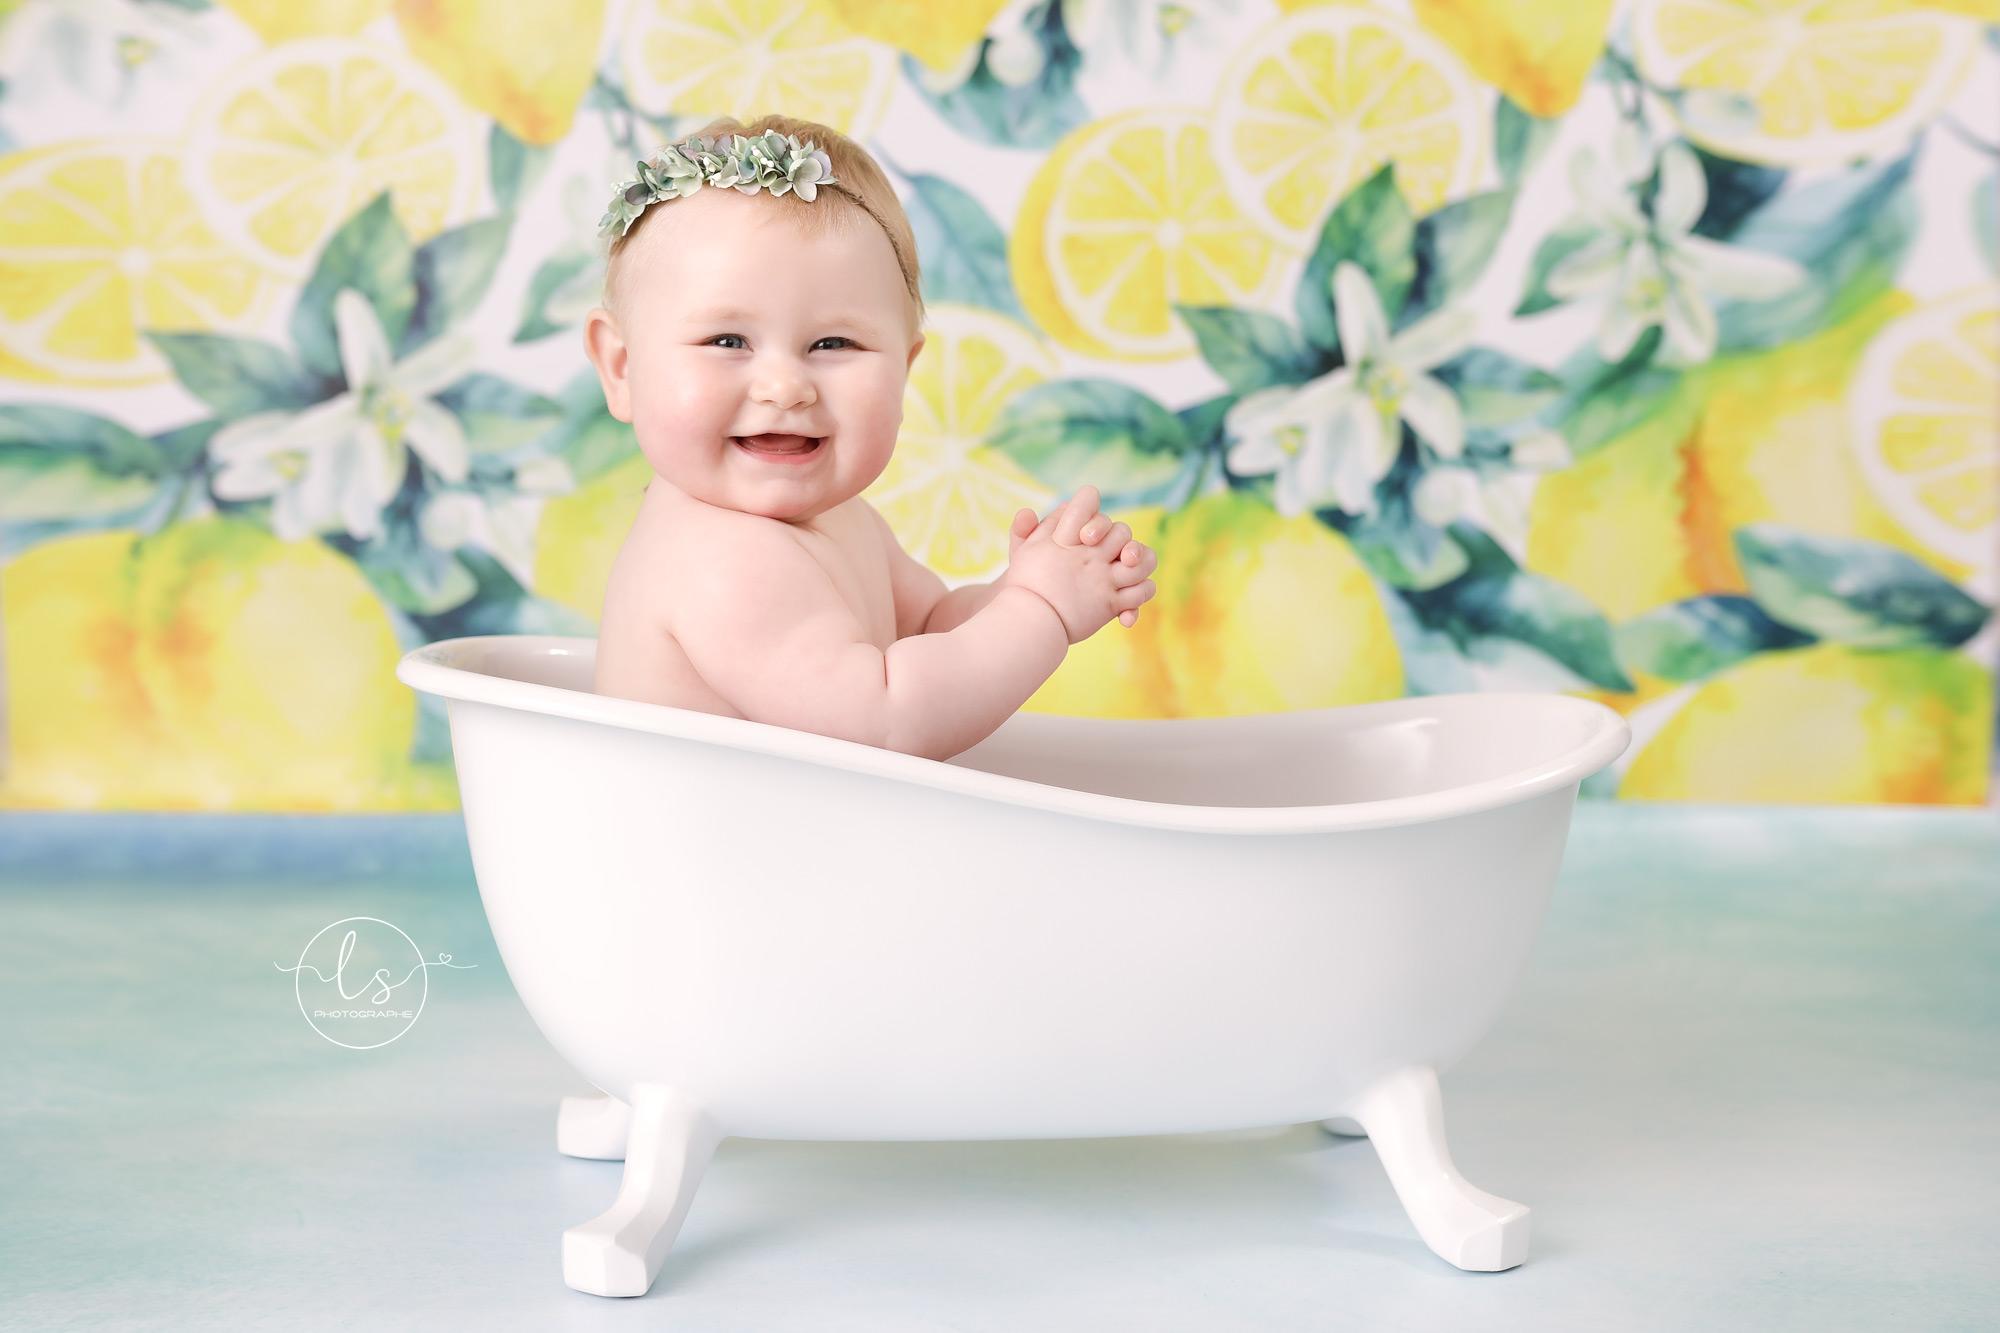 photo bébé baignoire Liège Belgique PHOTO SOSZNA